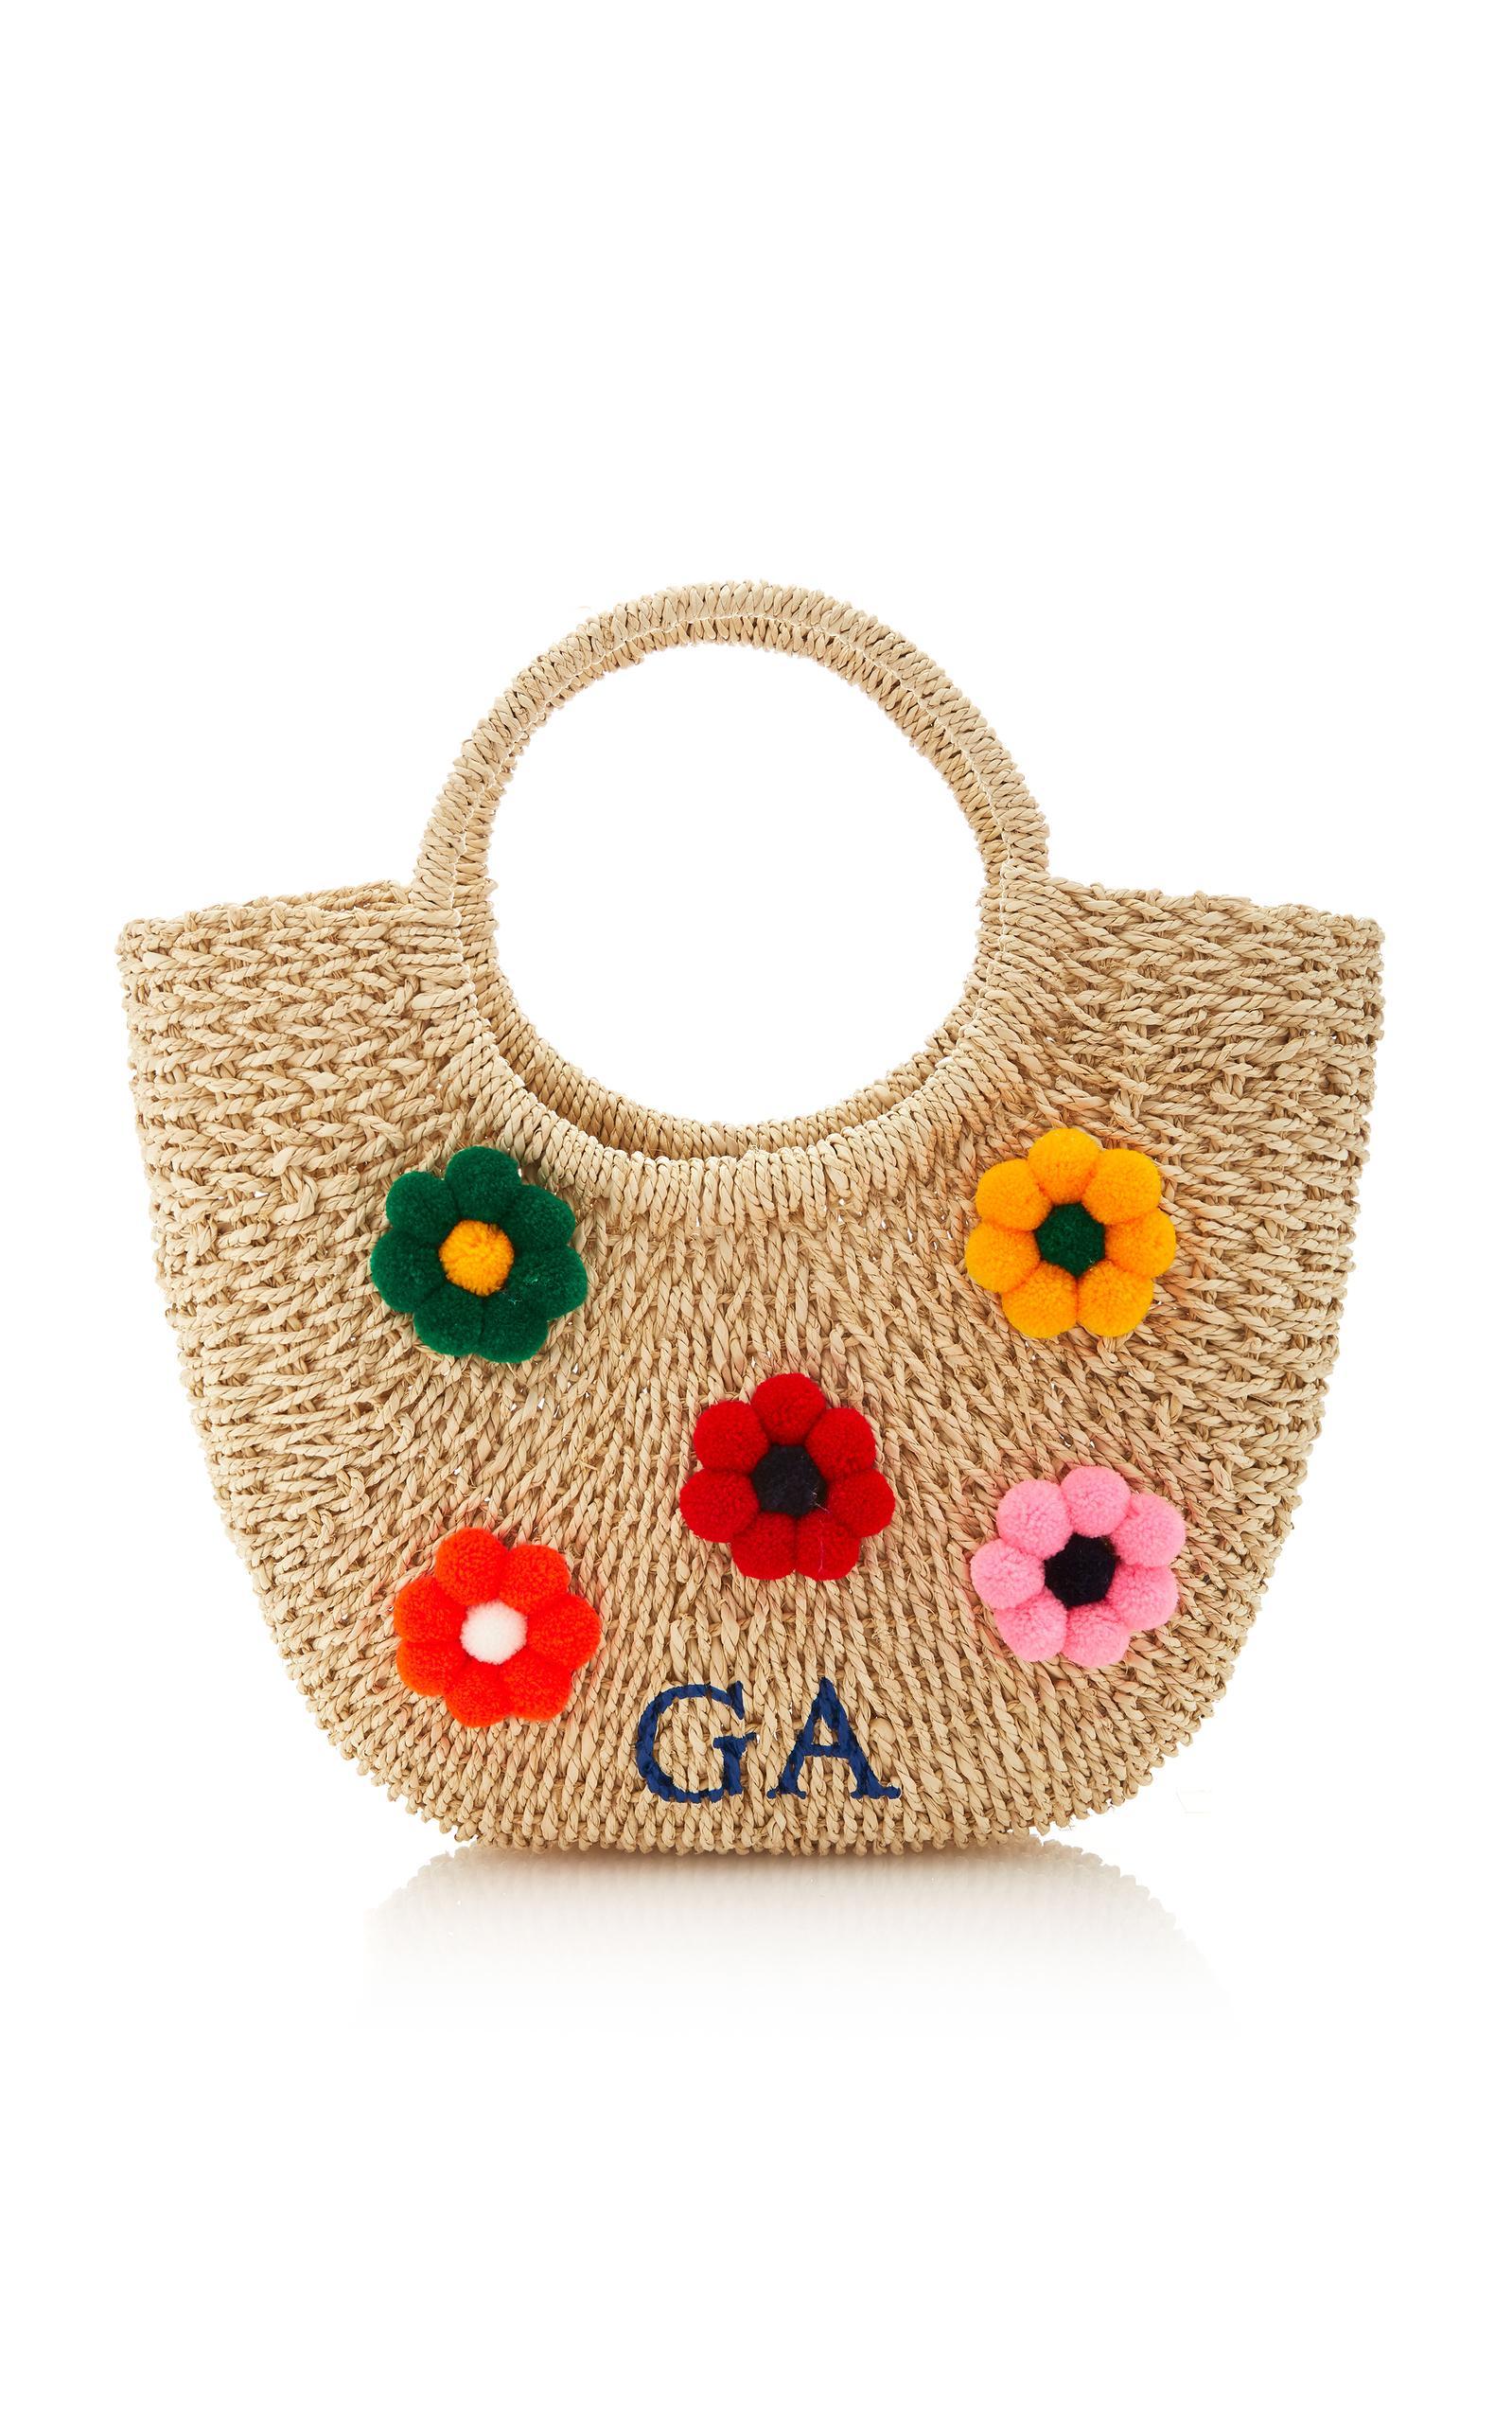 Rae Feather M'o Exclusive Flower Pom Pom Martha Basket In Multi